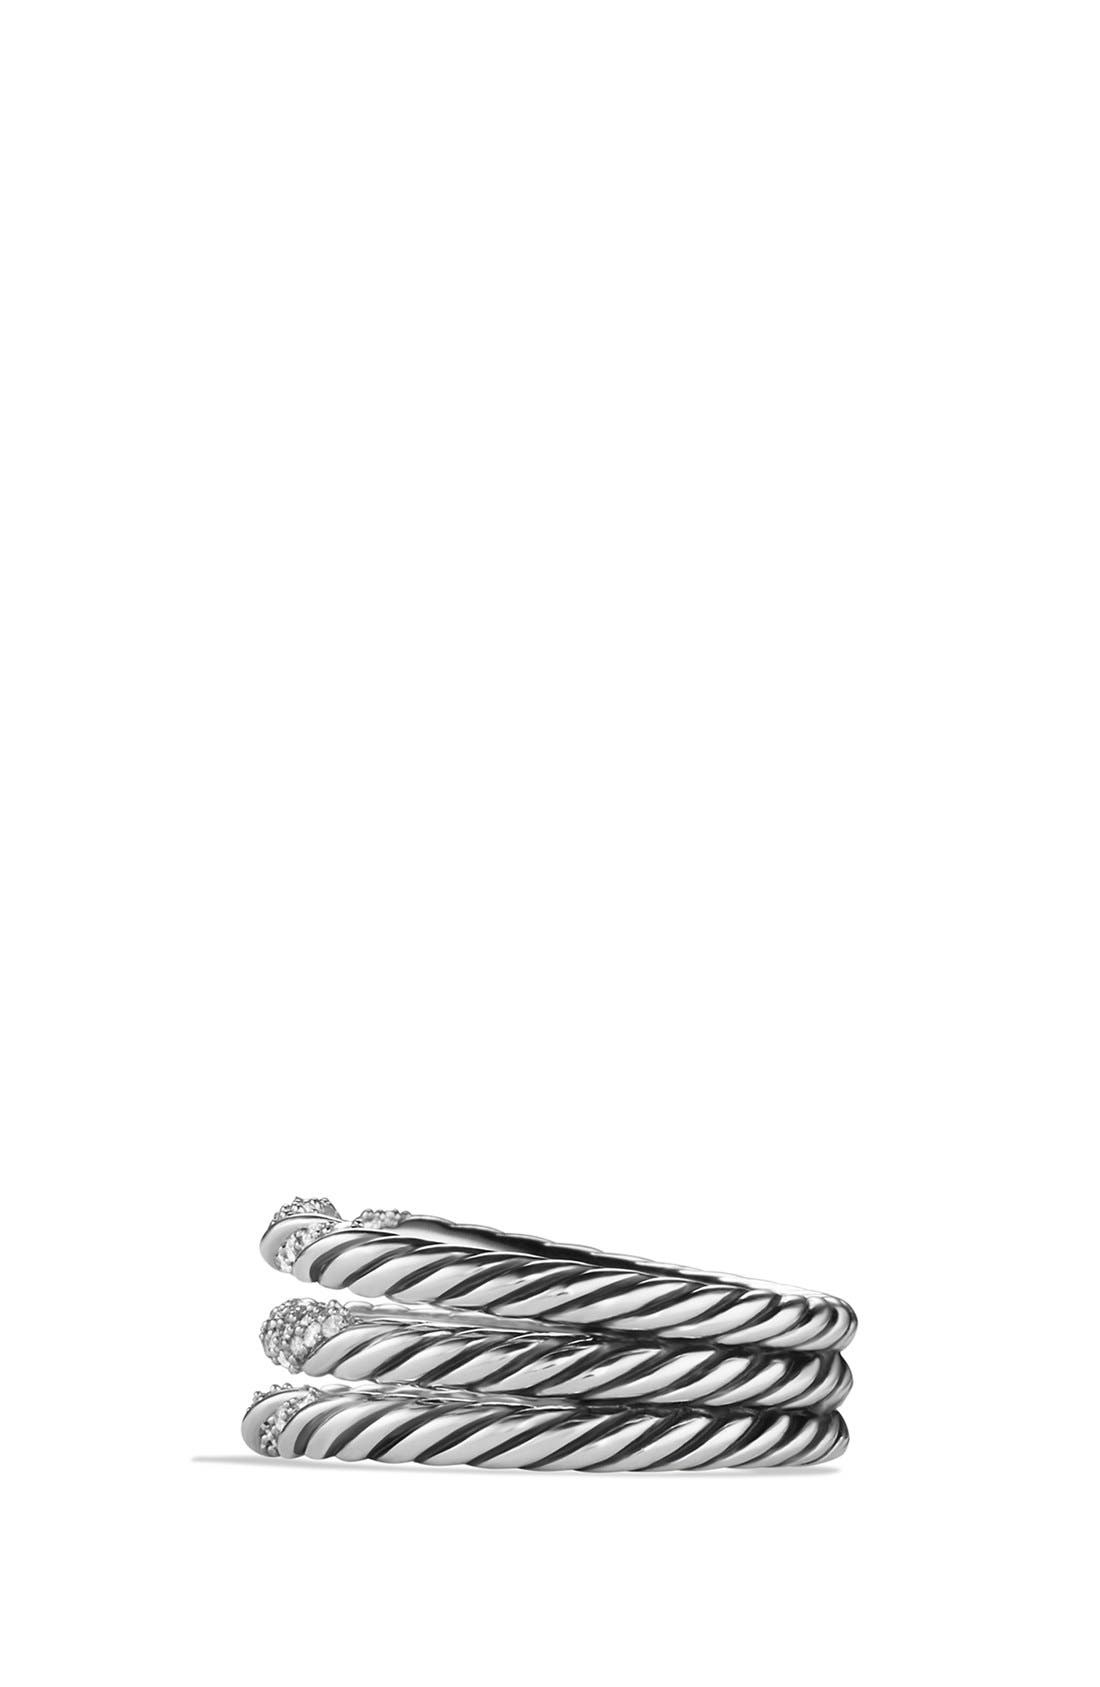 Alternate Image 2  - David Yurman 'Willow' Three-Row Ring with Diamonds